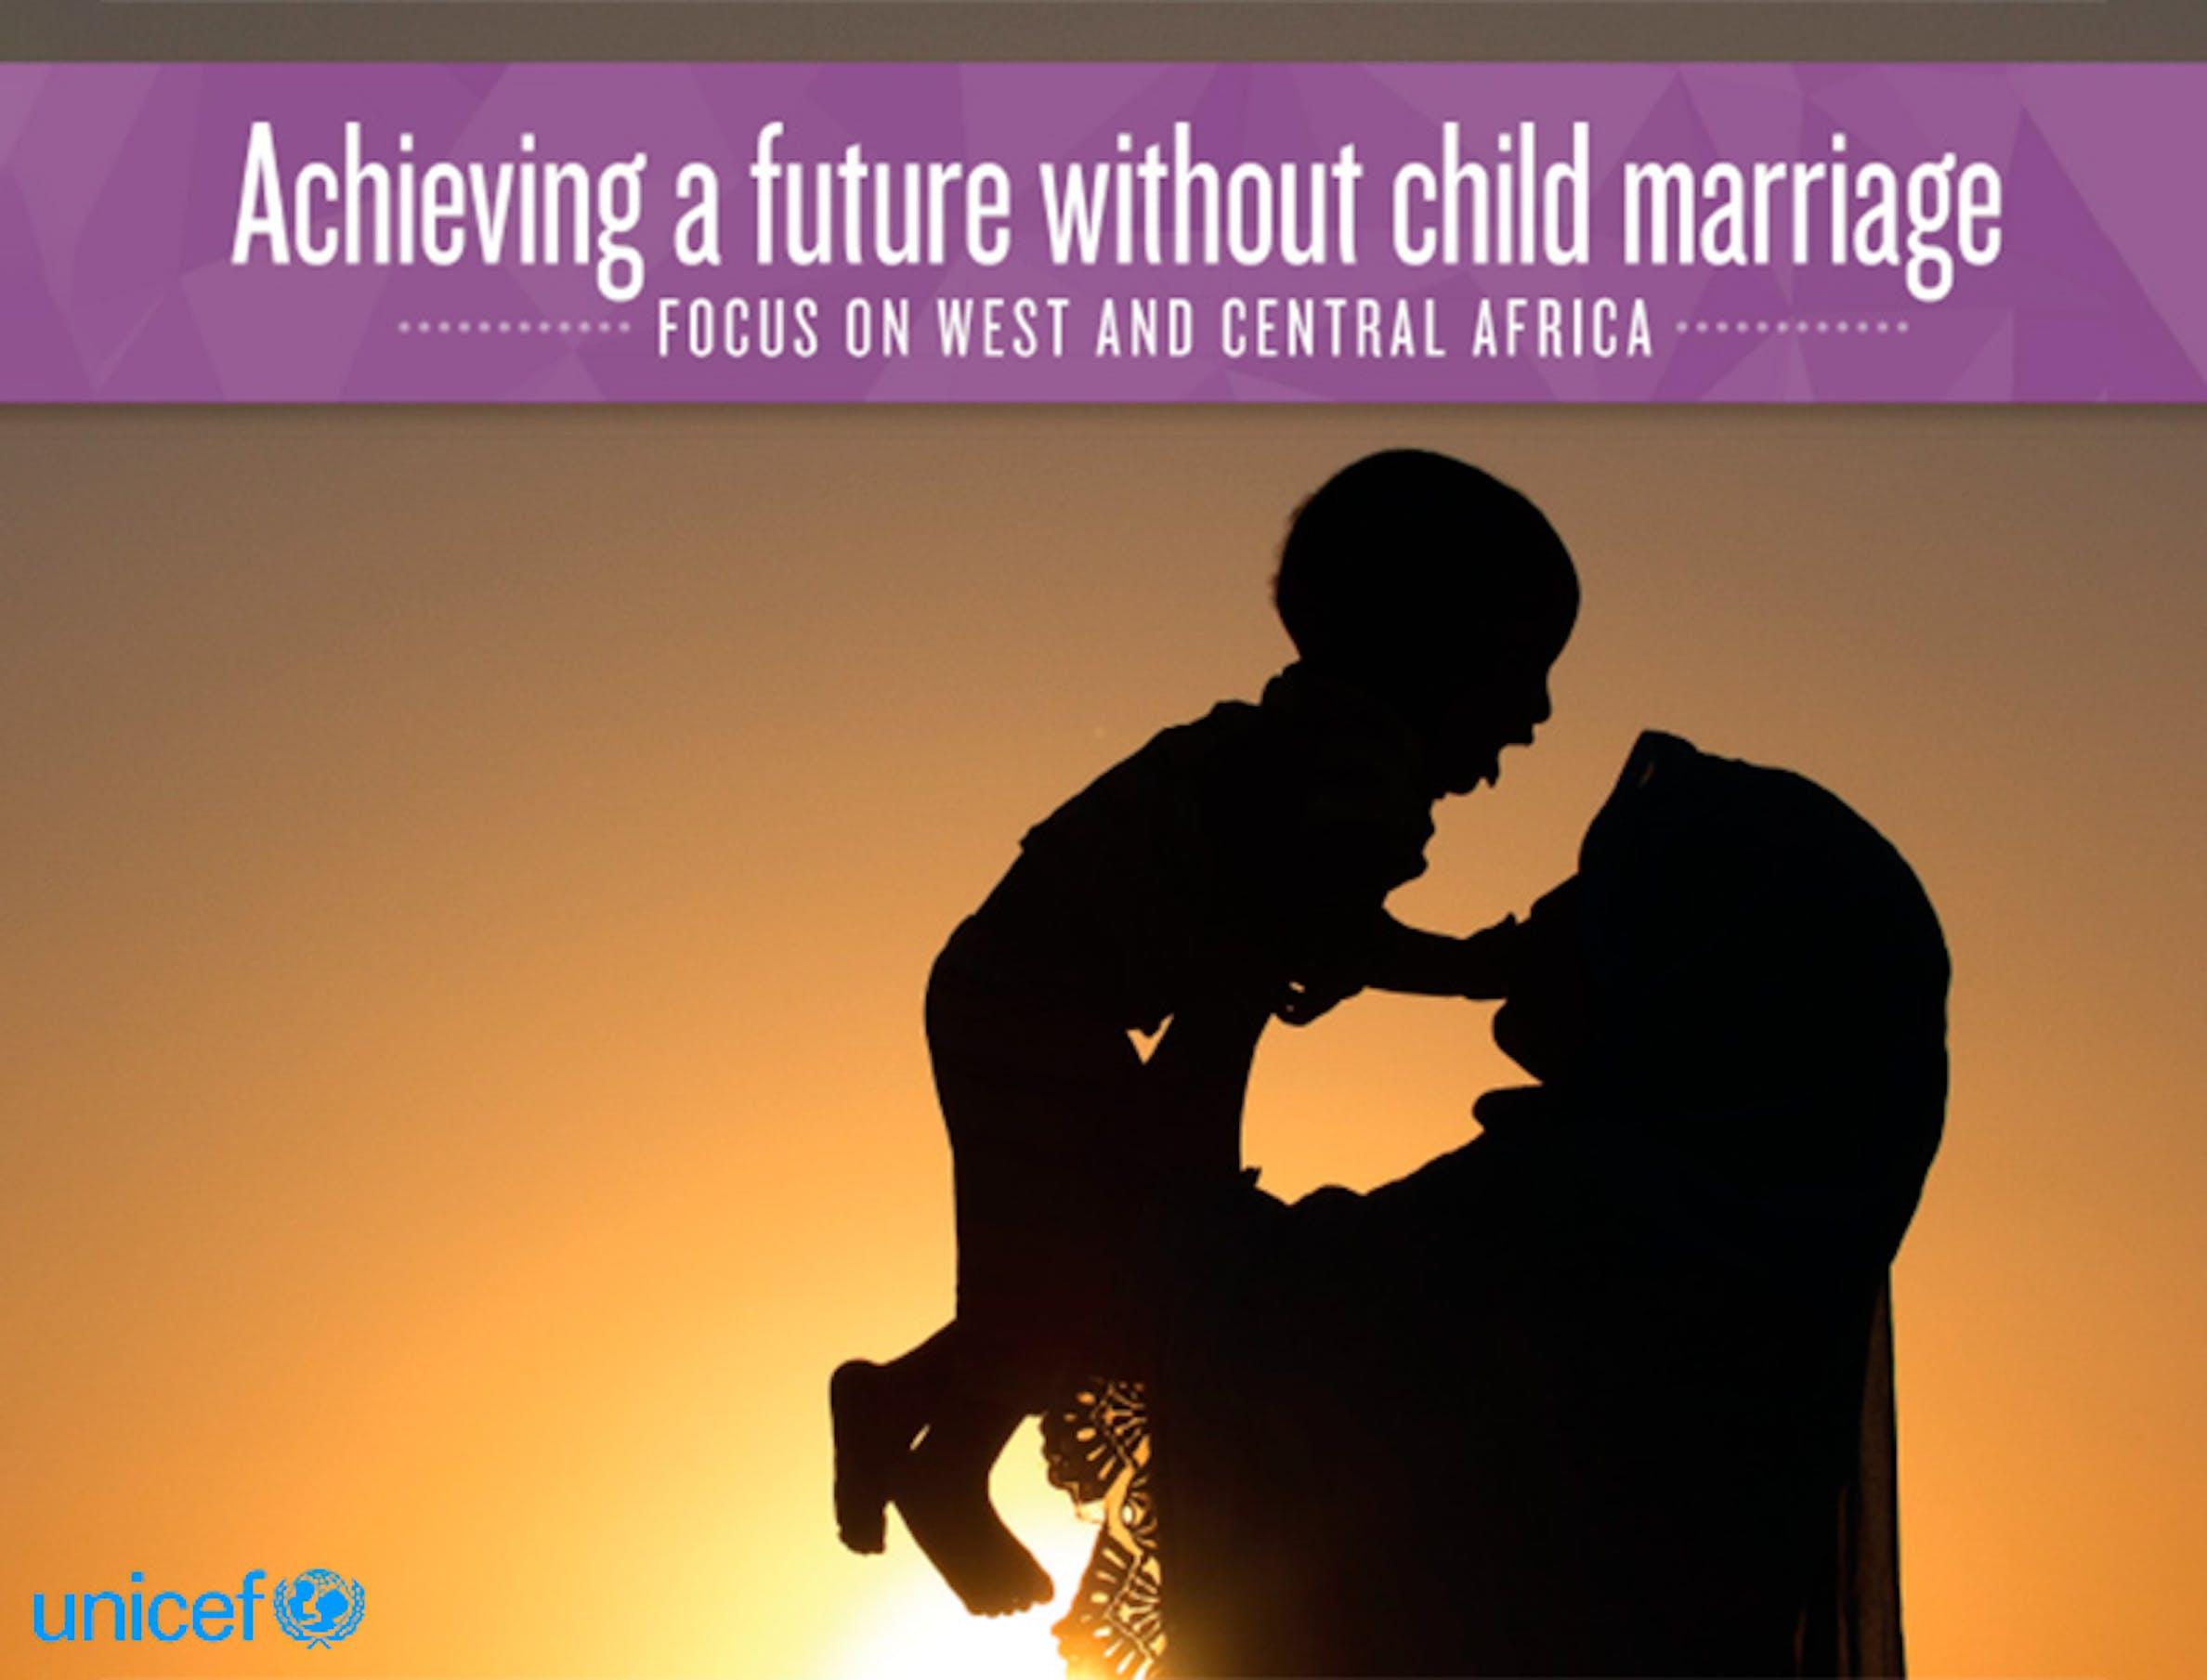 Matrimoni precoci in Africa, 100 anni sono troppi da aspettare